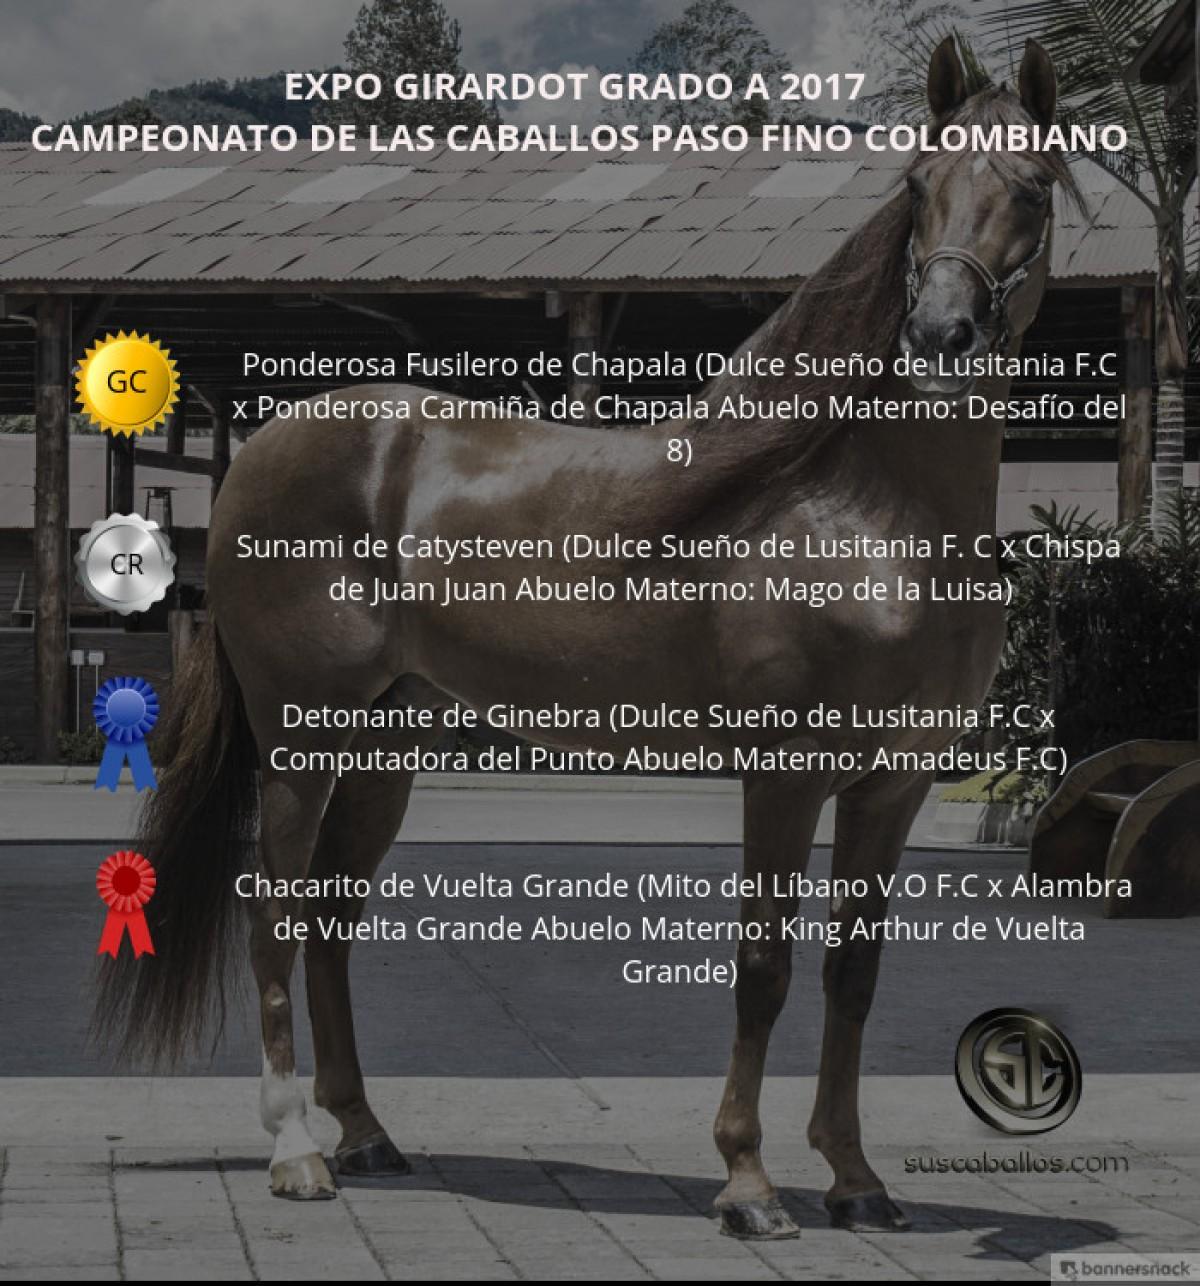 VIDEO: Ponderosa Fusilero Campeón, Sunami Reservado, Paso Fino, Expo Girardot